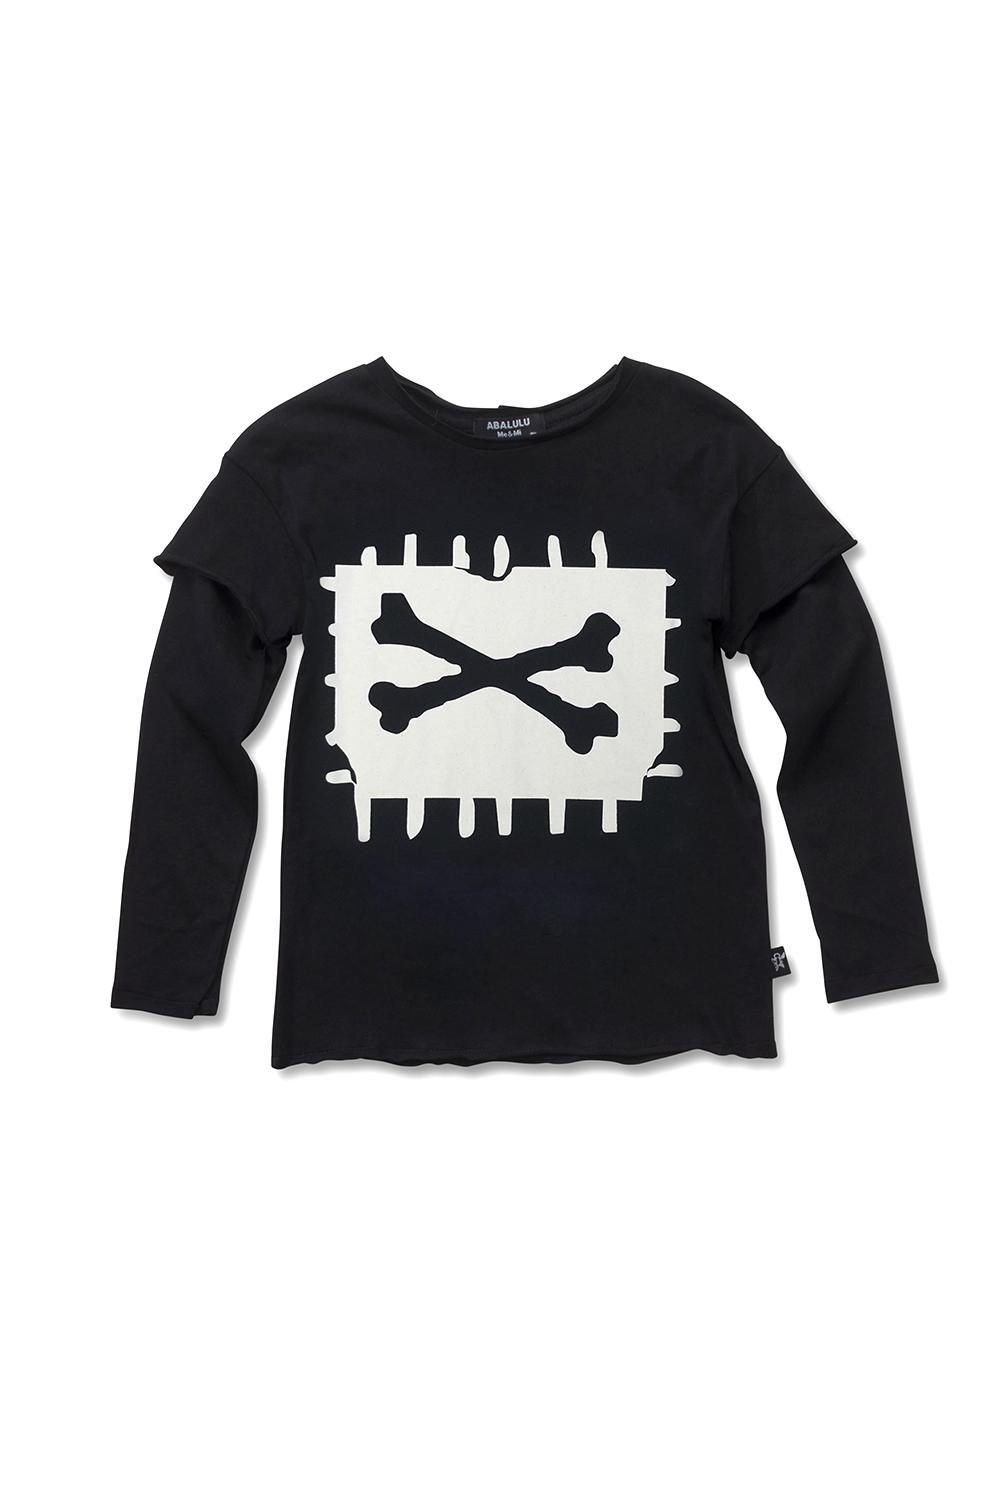 חולצת לילדים X-Bone שחורה ארוכה